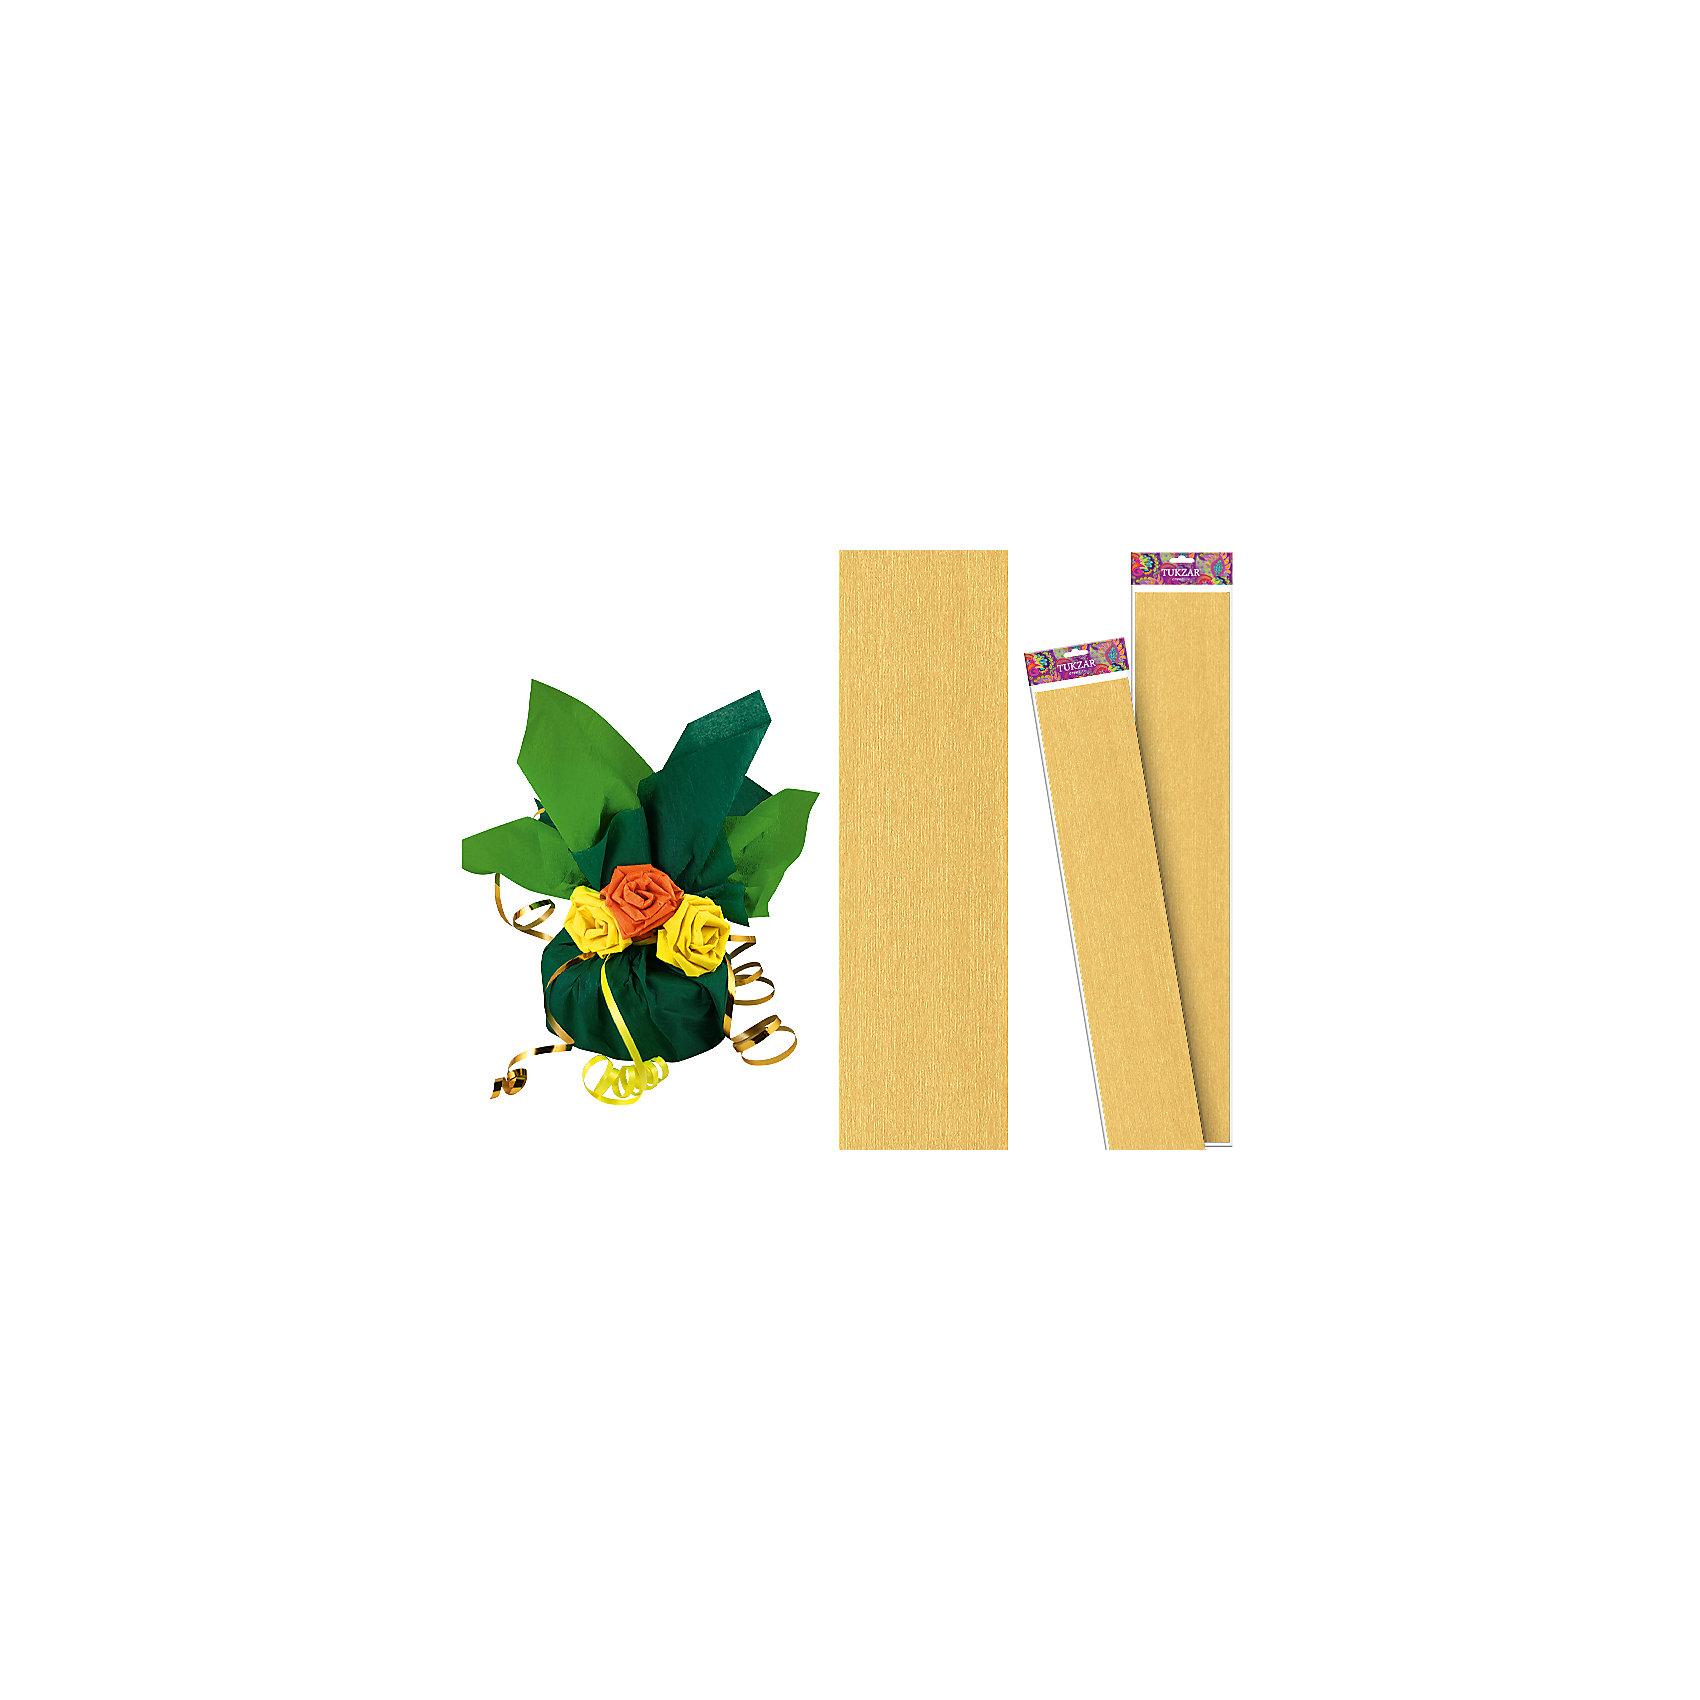 Золотая крепированная бумага 50*250 смПоследняя цена<br>Золотая крепированная бумага 50*250 см от известного торгового бренда канцелярских товаров и товаров для творчества TUKZAR. Крепированная бумага используется для изготовления различных поделок и аппликаций, наиболее часто данный вид бумаги применяют для изготовления цветов, которые отличаются высокой степенью достоверности, что обеспечивается за счет свойств данной бумаги: она имеет мелкое гофрирование, бархатистая на ощупь и влагостойкая. <br>Золотая крепированная бумага 50*250 см от TUKZAR – идеально подходит для поделок и оформительских работ.  <br><br>Дополнительная информация:<br><br>- Предназначение: для творческих занятий и оформительских работ <br>- Материал: бумага<br>- Размеры (Ш*Д): 50*250 см<br>- Цвет: золотой<br>- Упаковка: блистер<br><br>Подробнее:<br><br>• Для детей в возрасте: от 3 лет <br>• Страна производитель: Китай<br>• Торговый бренд: TUKZAR<br><br>Золотую крепированную бумагу 50*250 см можно купить в нашем интернет-магазине.<br><br>Ширина мм: 500<br>Глубина мм: 50<br>Высота мм: 50<br>Вес г: 100<br>Возраст от месяцев: 36<br>Возраст до месяцев: 192<br>Пол: Унисекс<br>Возраст: Детский<br>SKU: 5001383